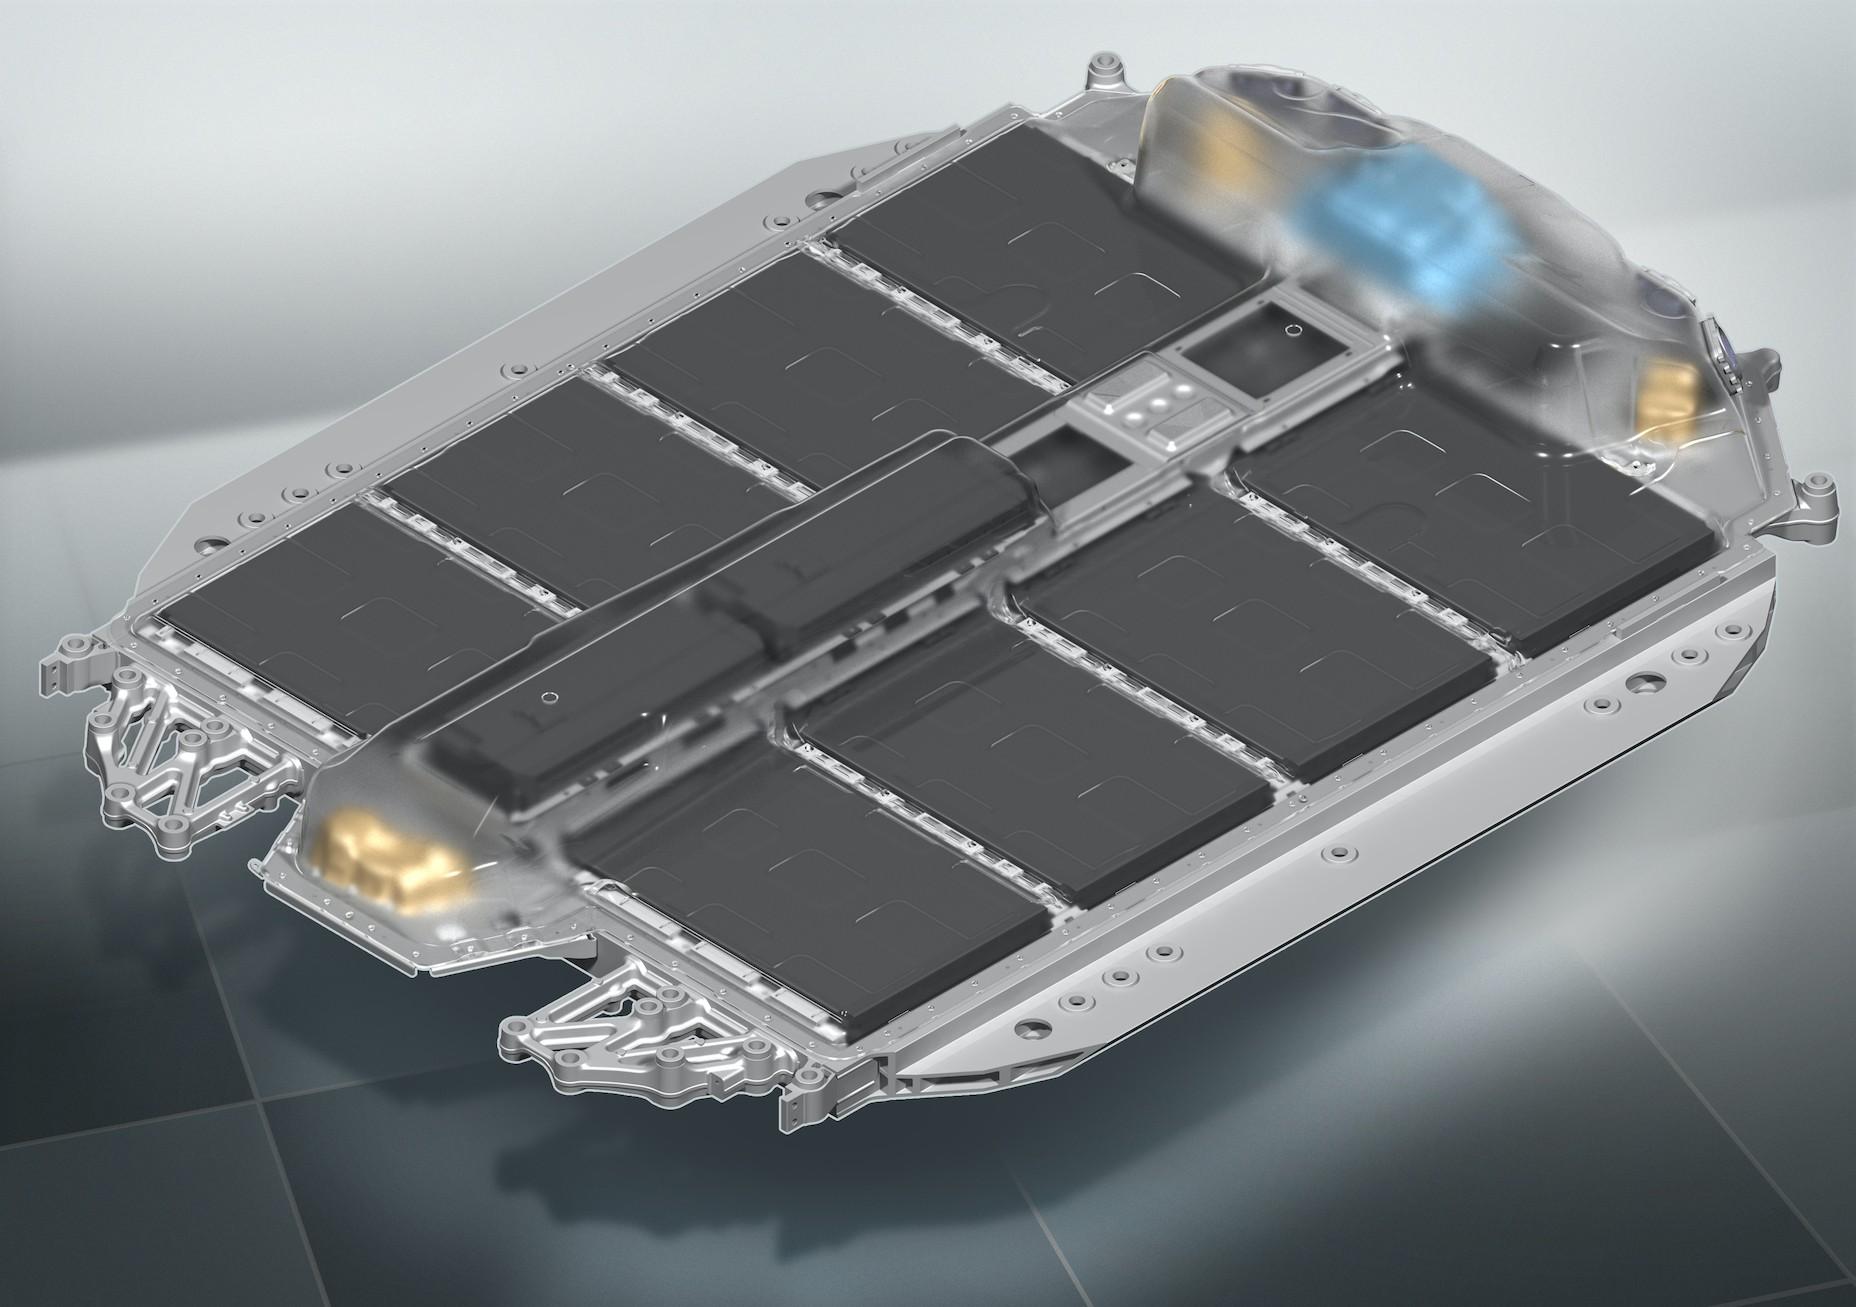 BMW i4: Ηλεκτρικό αυτοκίνητο με αυτονομία 600 χιλιόμετρα